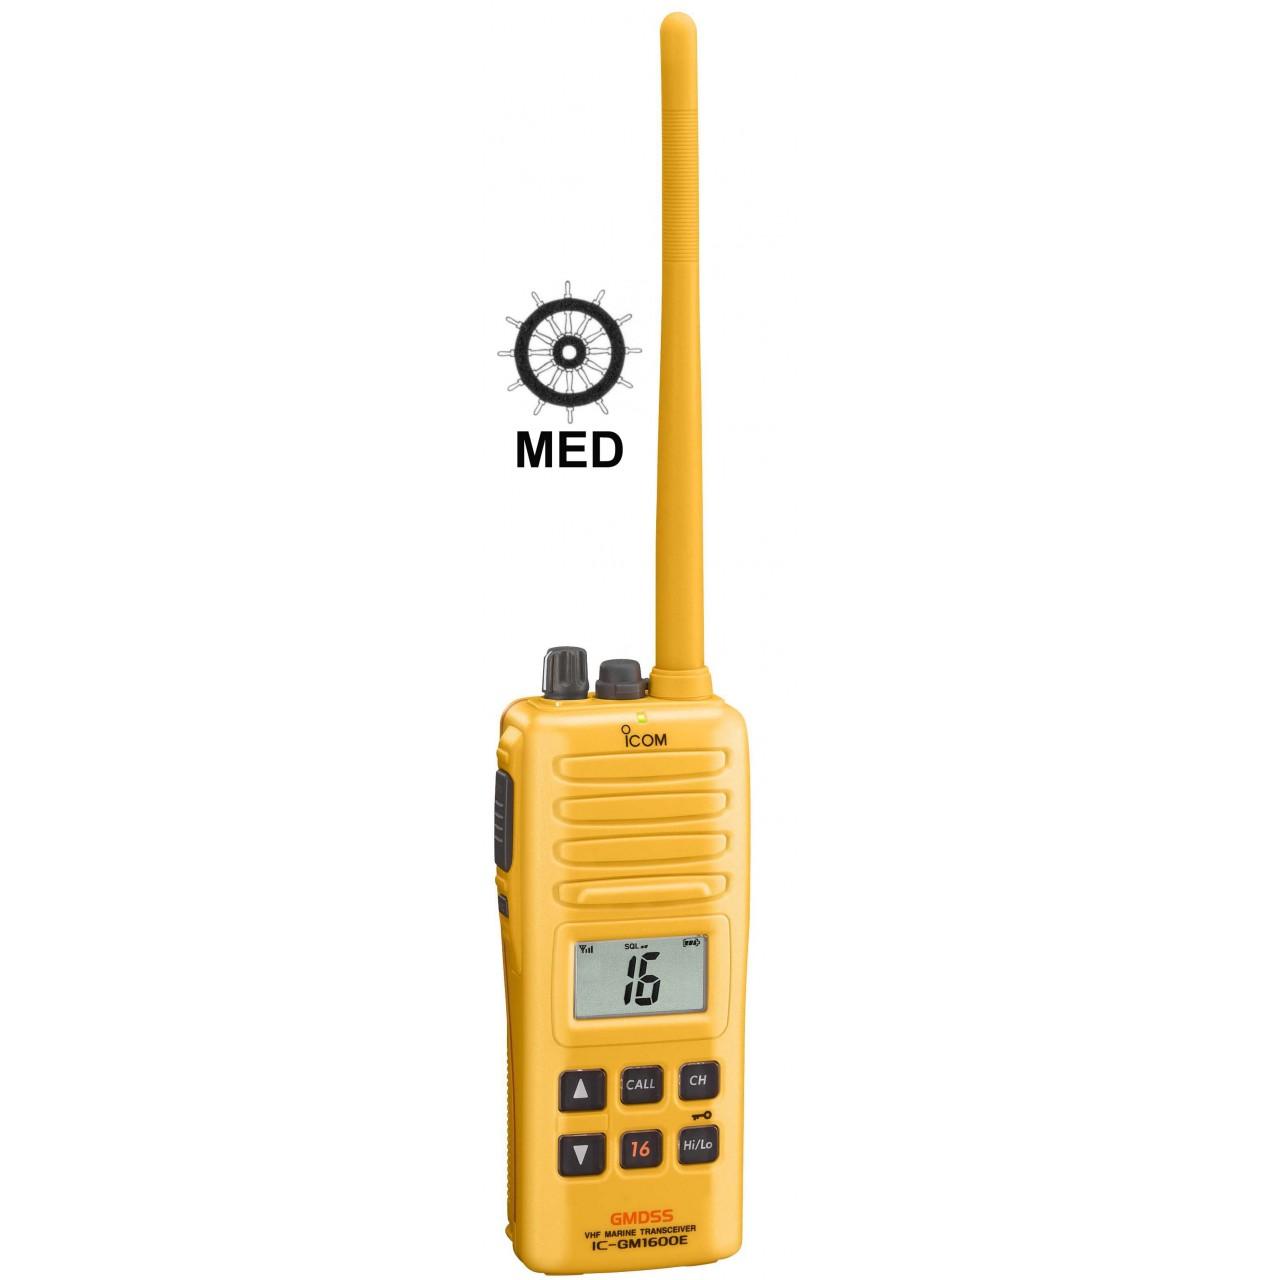 PACK-GM1600E Portatifs - ICOM